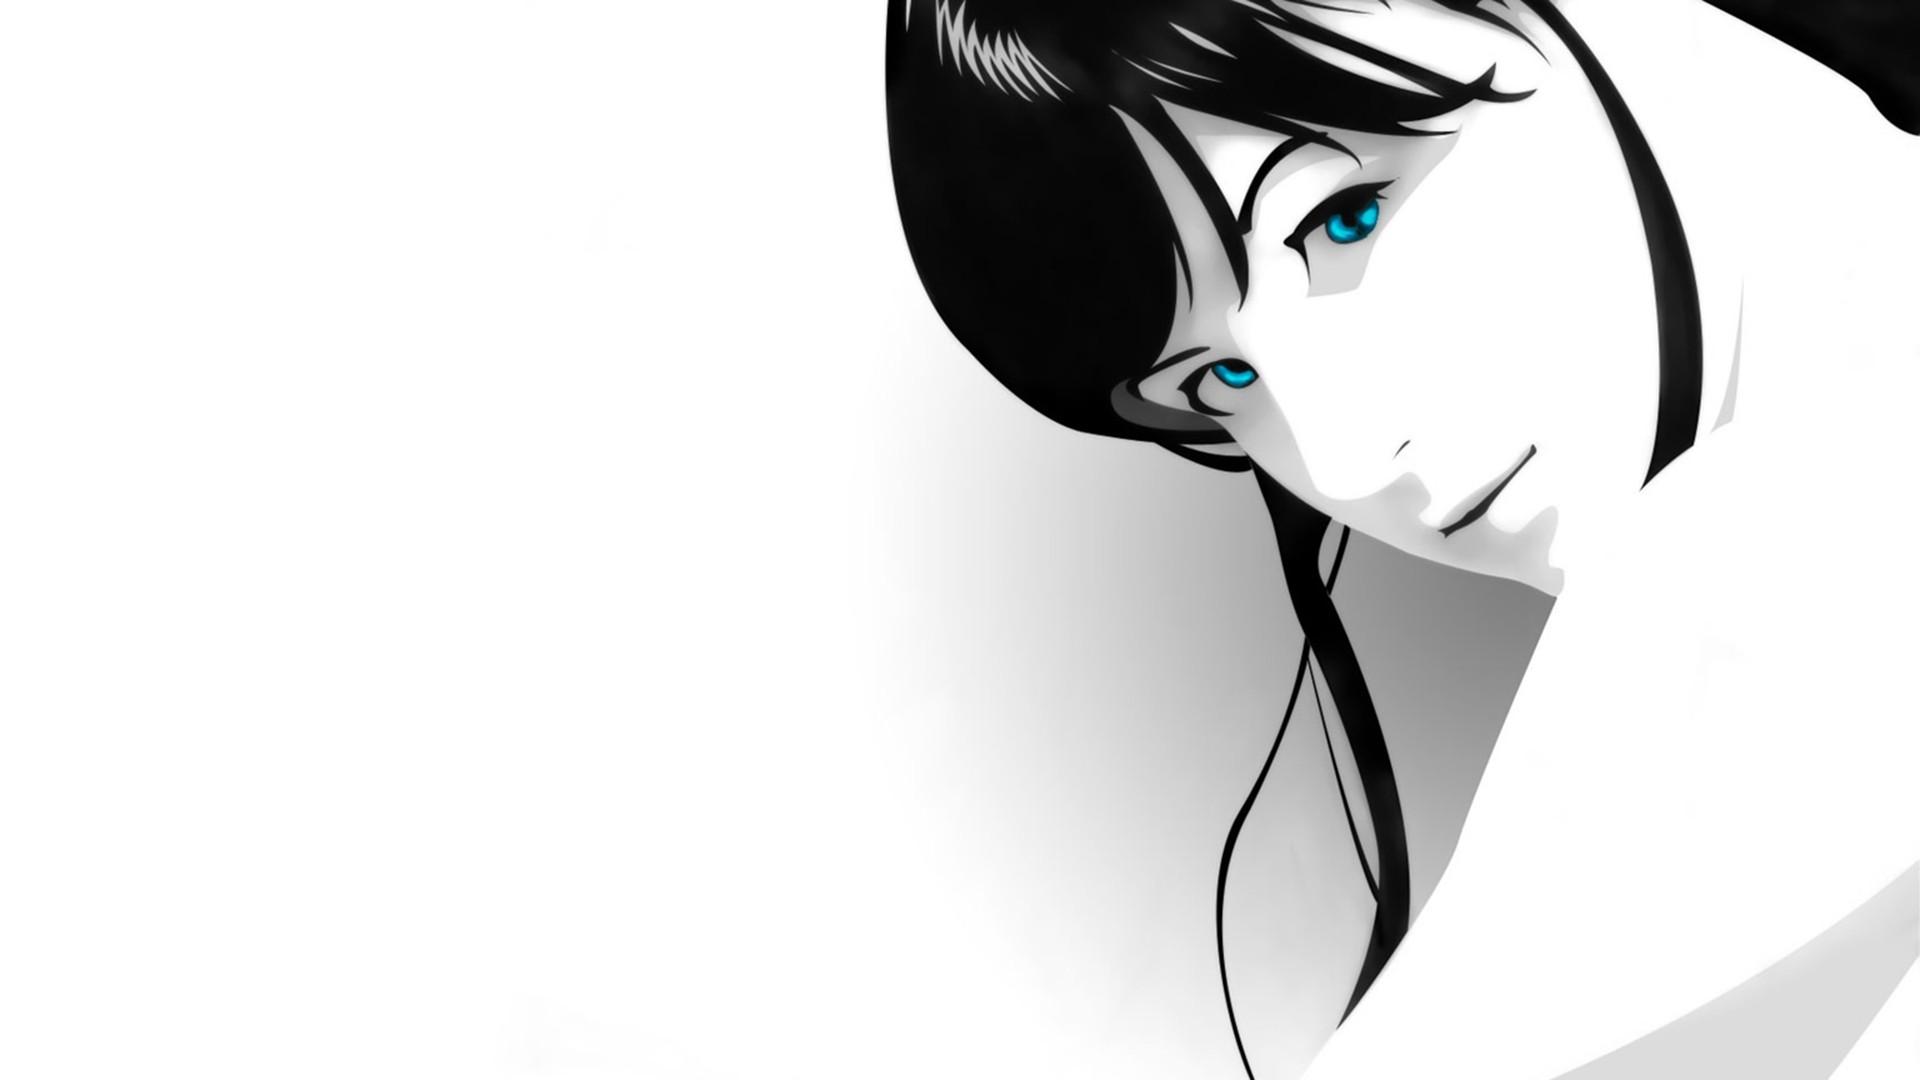 Fond D Ecran Visage Femmes Fond Simple Anime Yeux